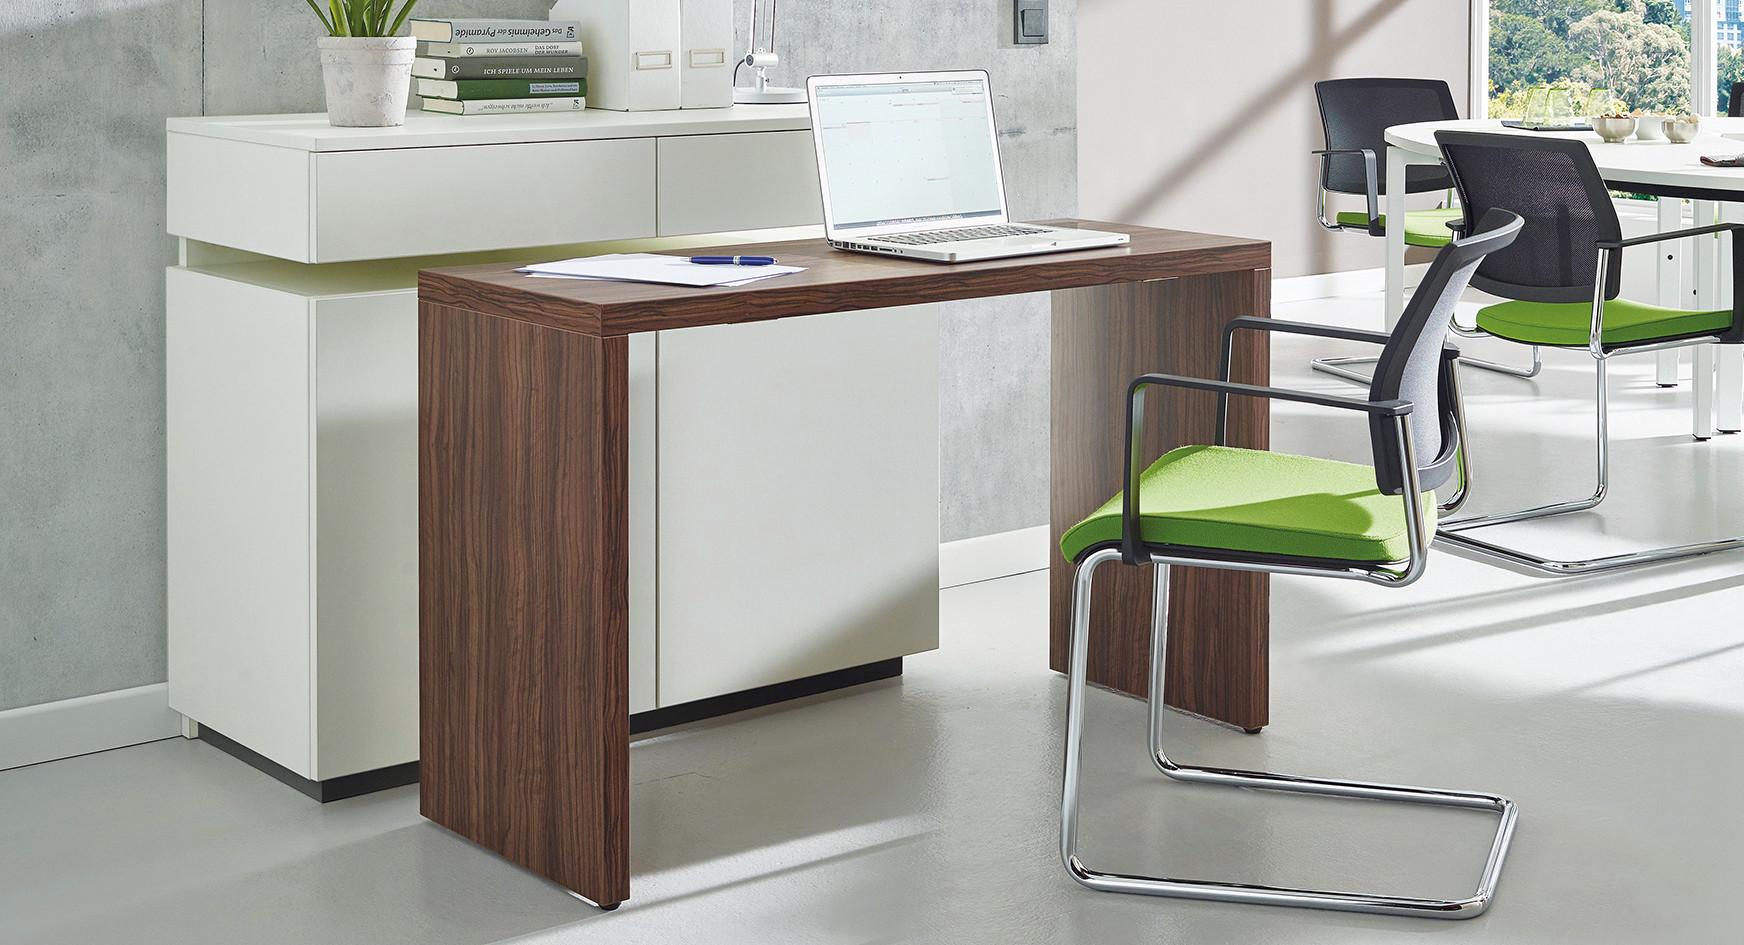 Tisch oder Sideboard Sometimes Arbeitssituation